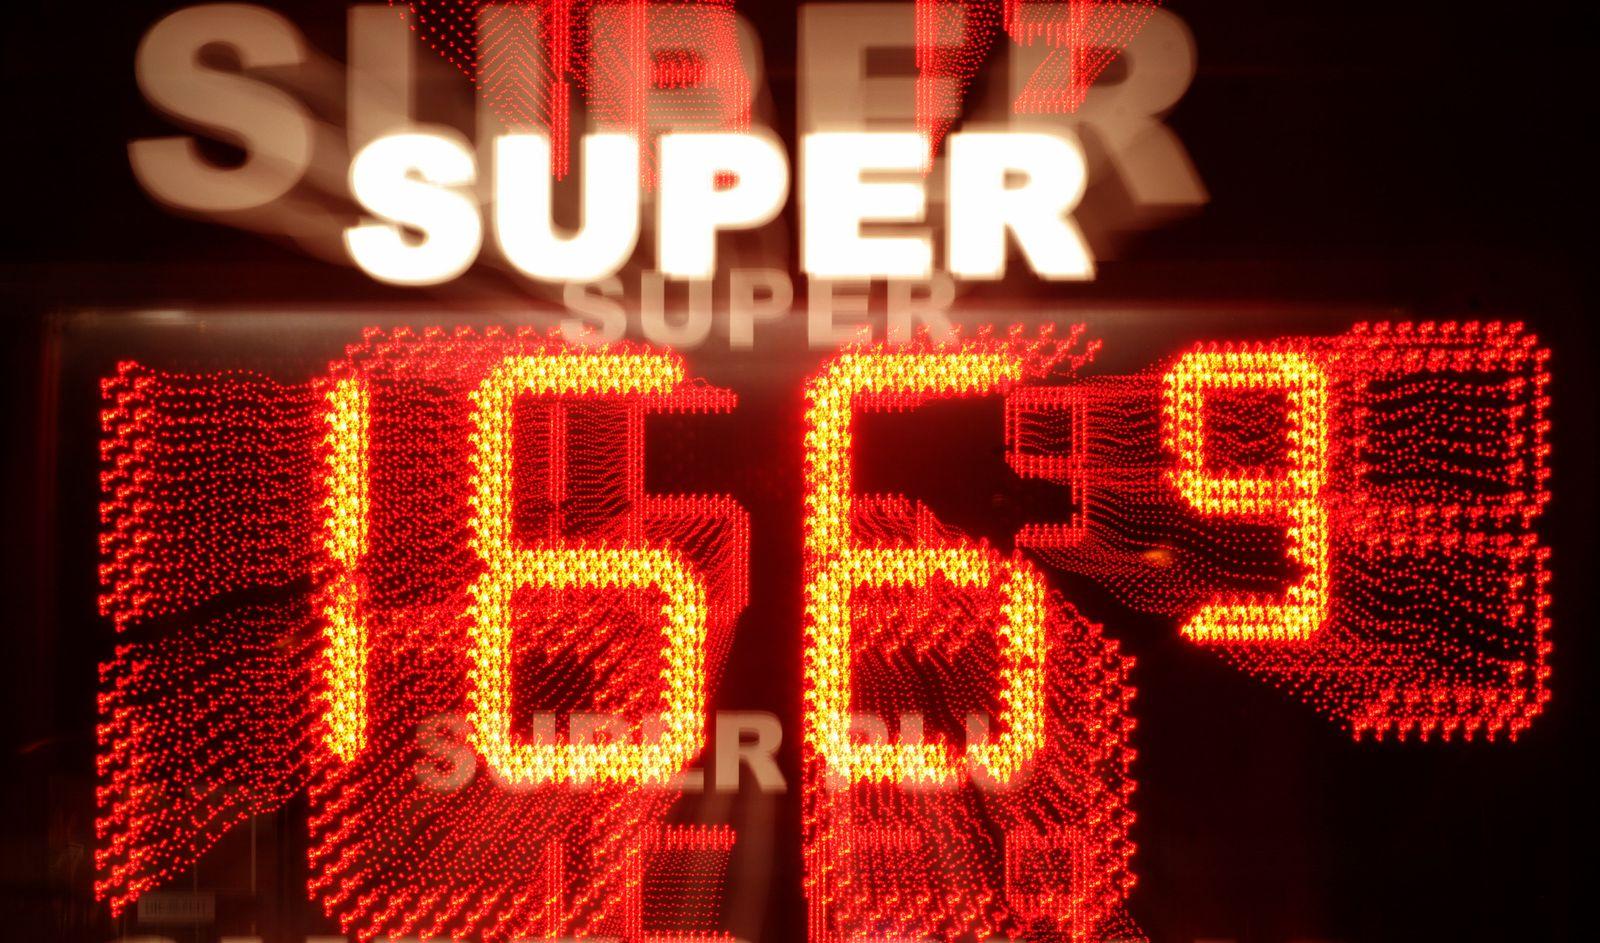 Preis für Superbenzin steigt auf 166,9 Euro